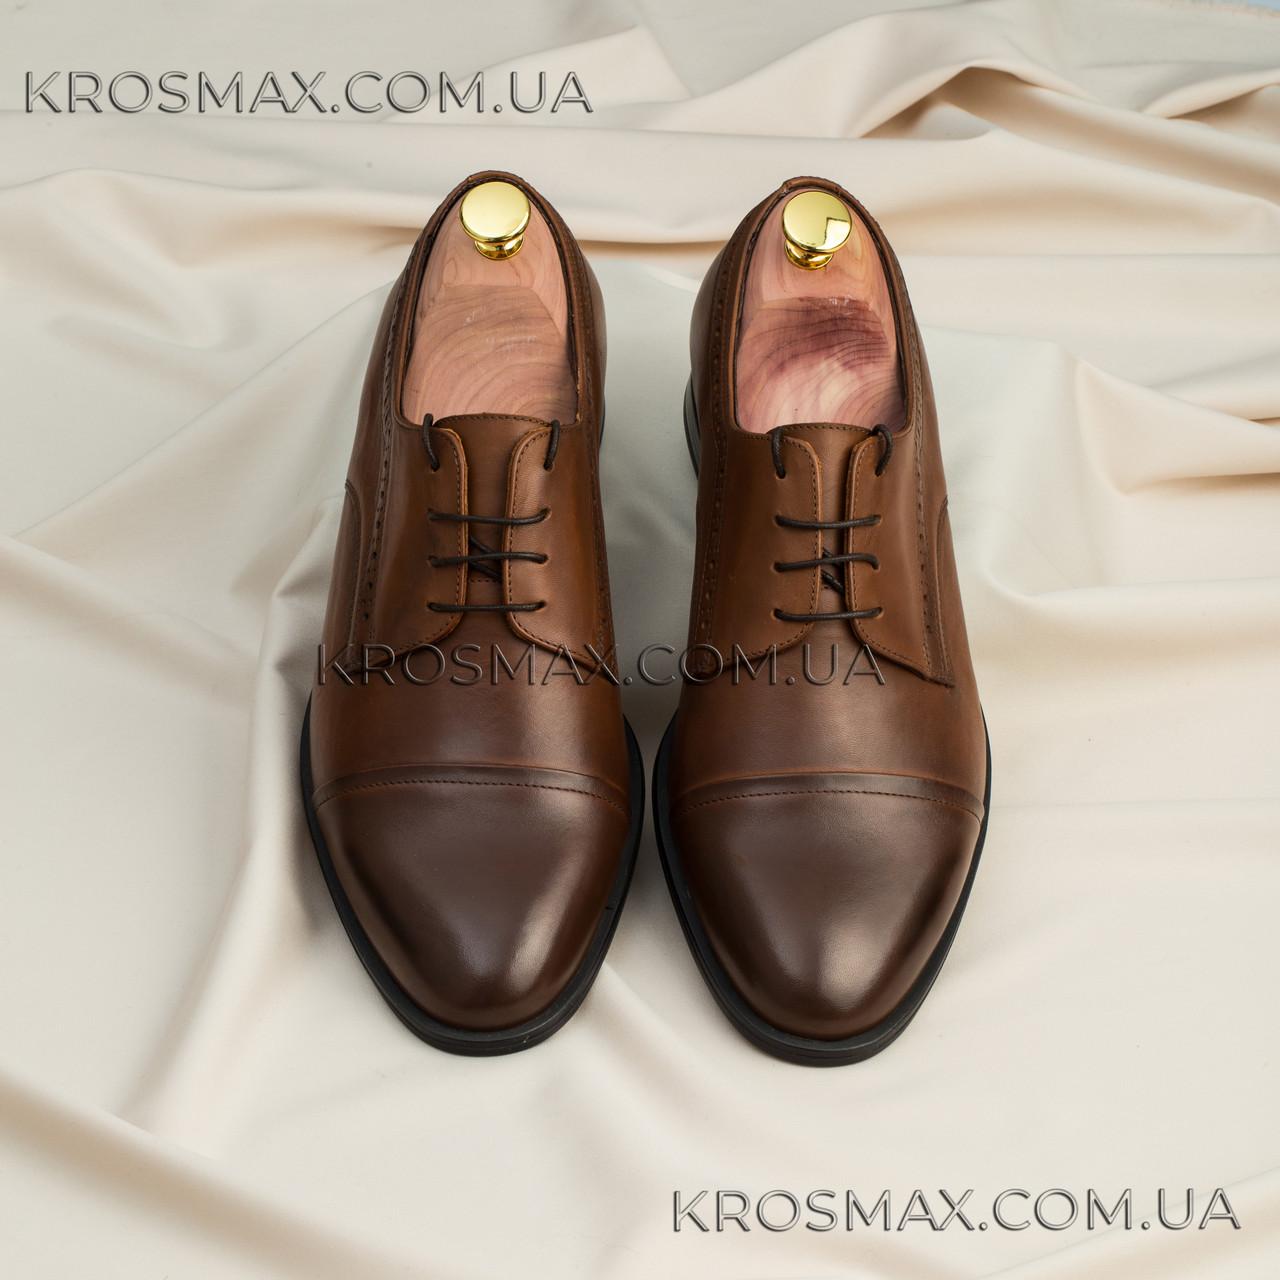 Мужские коричневые кожаные туфли (дерби, броги, оксфорды) ікос/ikos